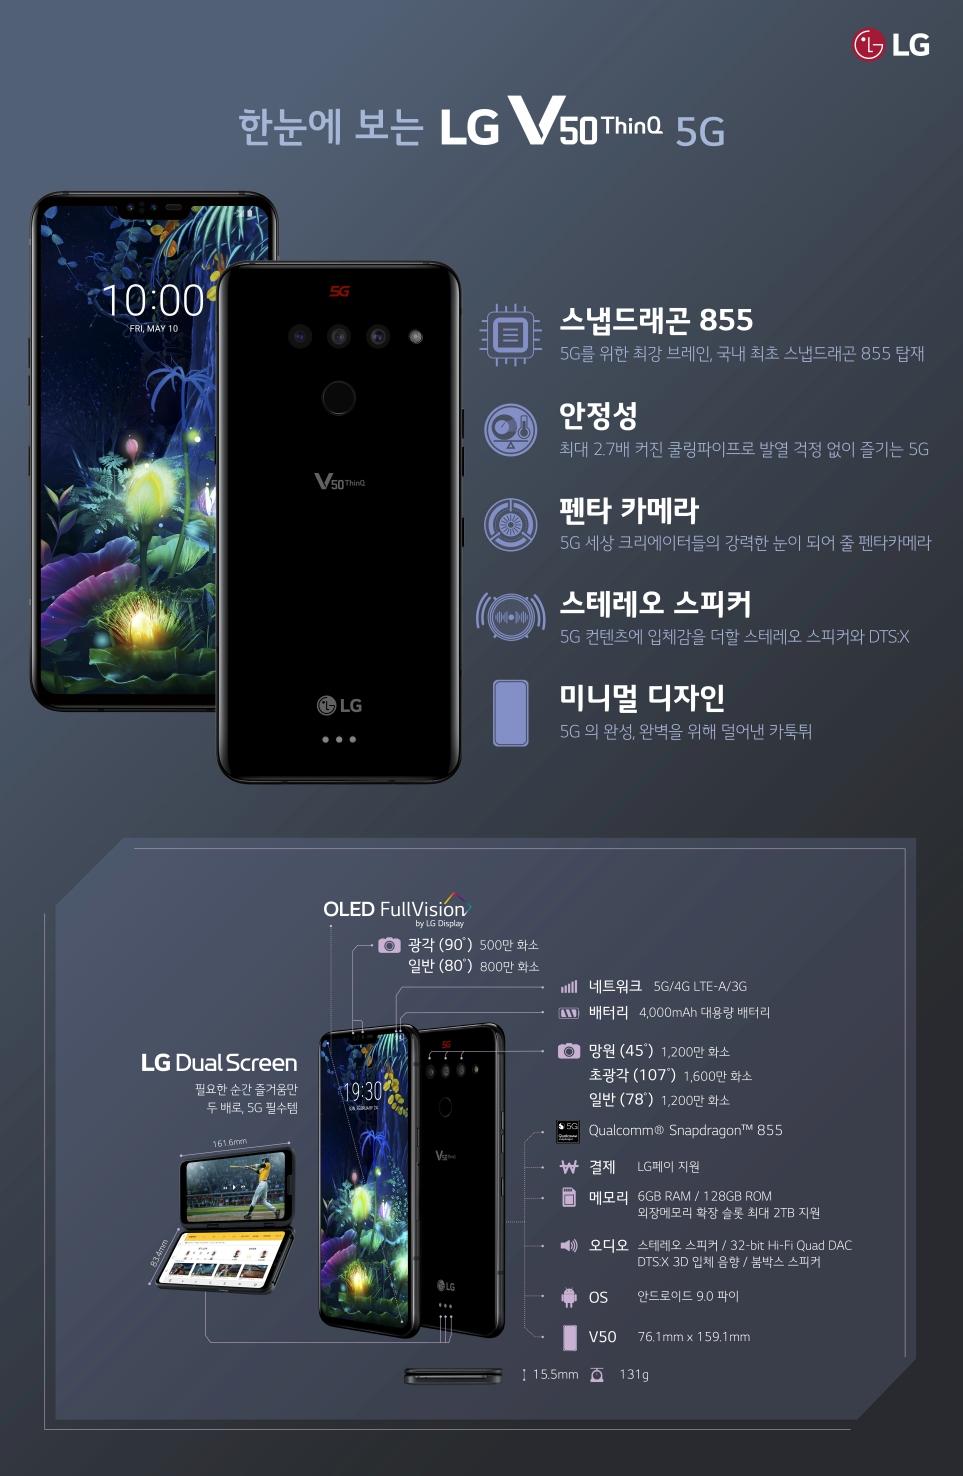 한 눈에 보는 LG V50 ThinQ 5G